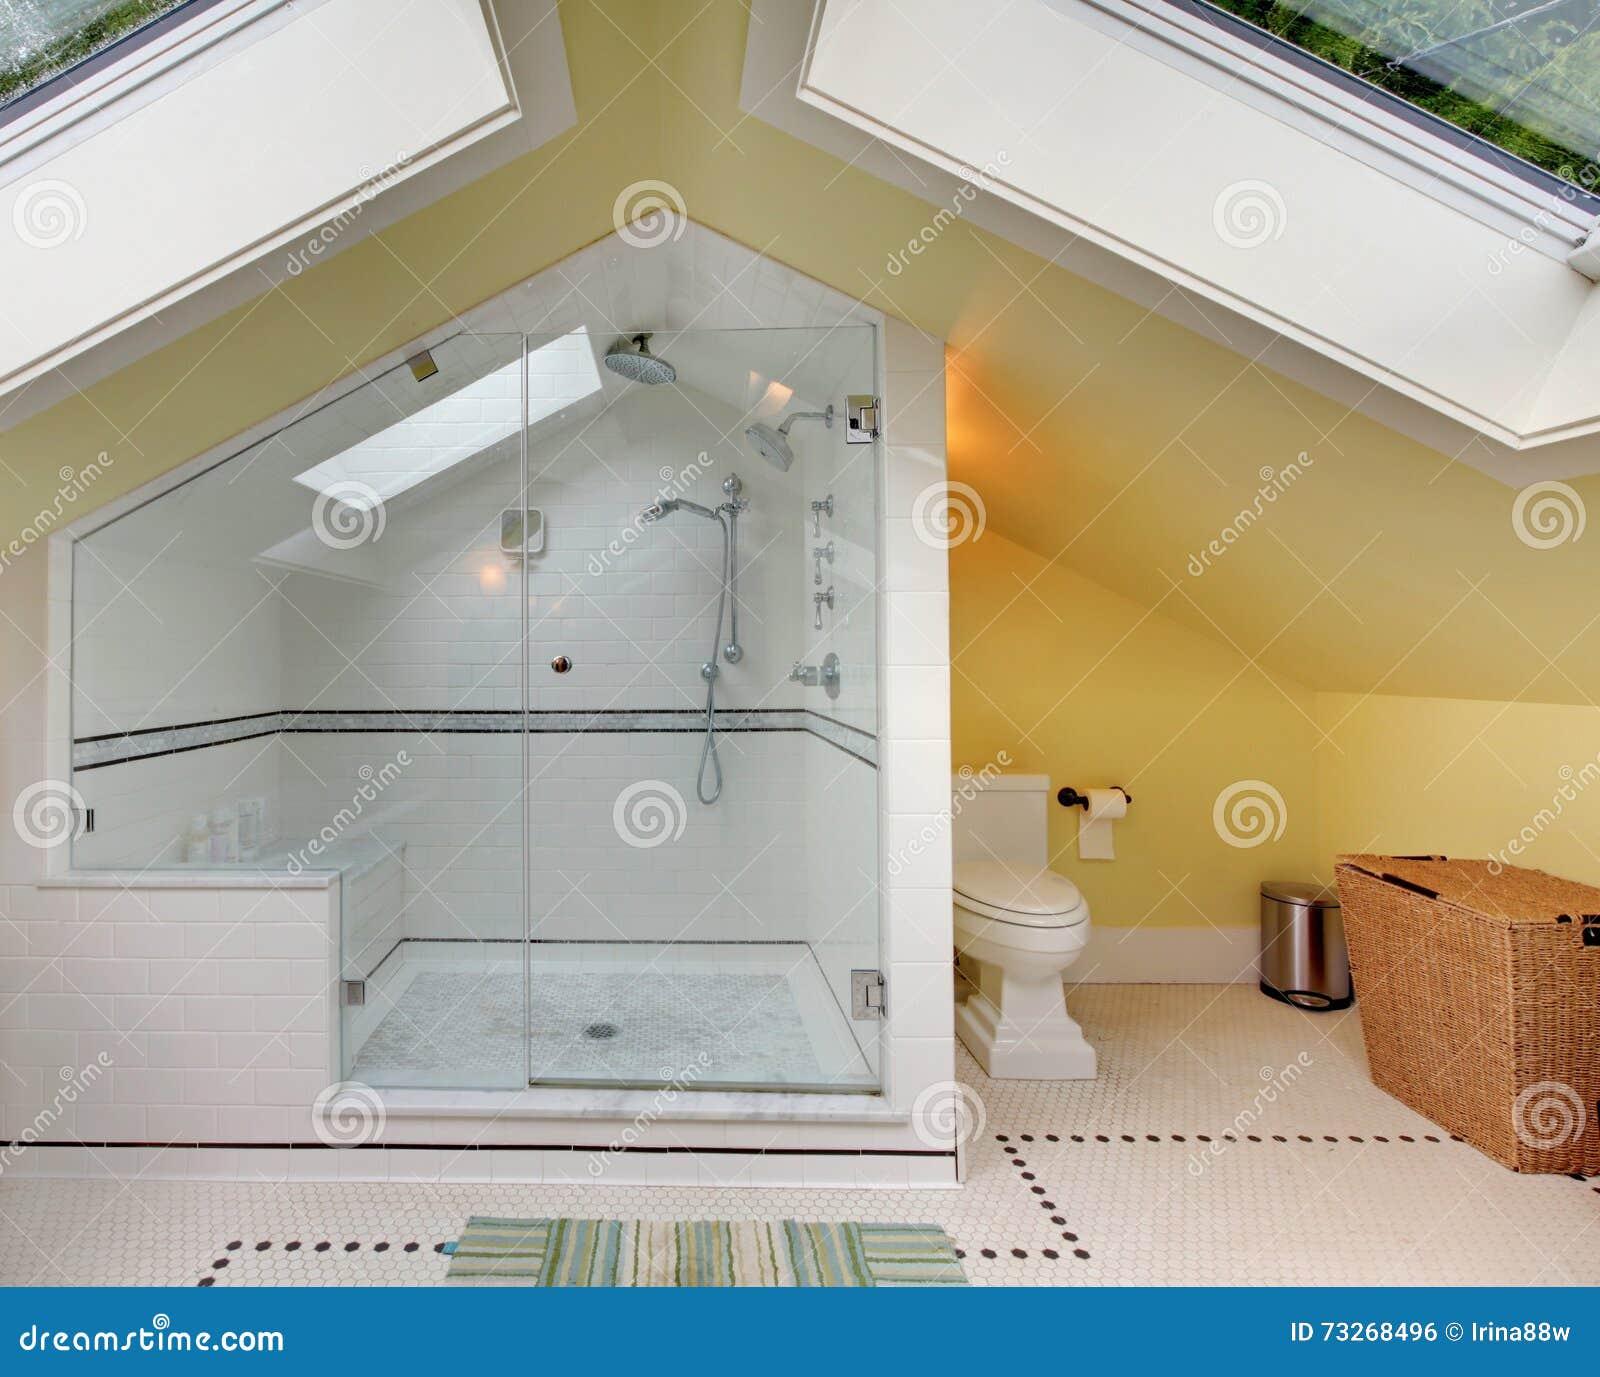 Modernes Badezimmer Oben Mit Großer Dusche Und Gewölbter Decke